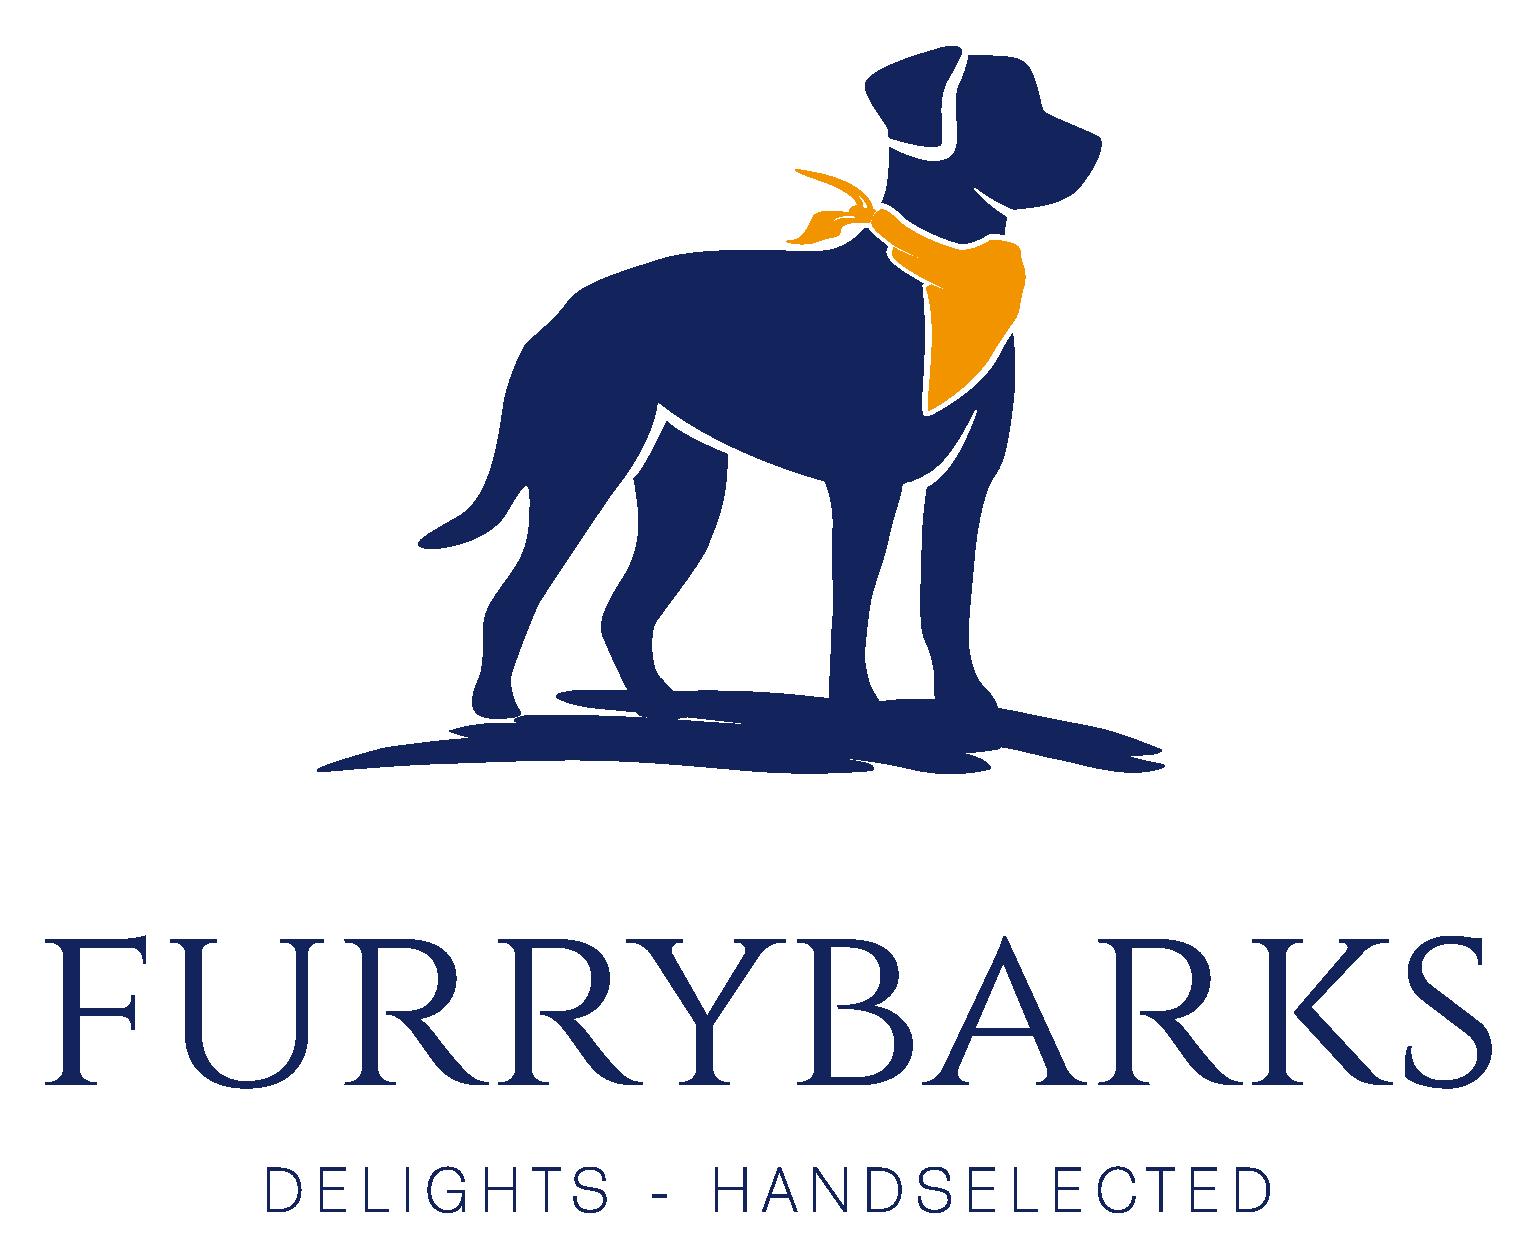 furrybarks